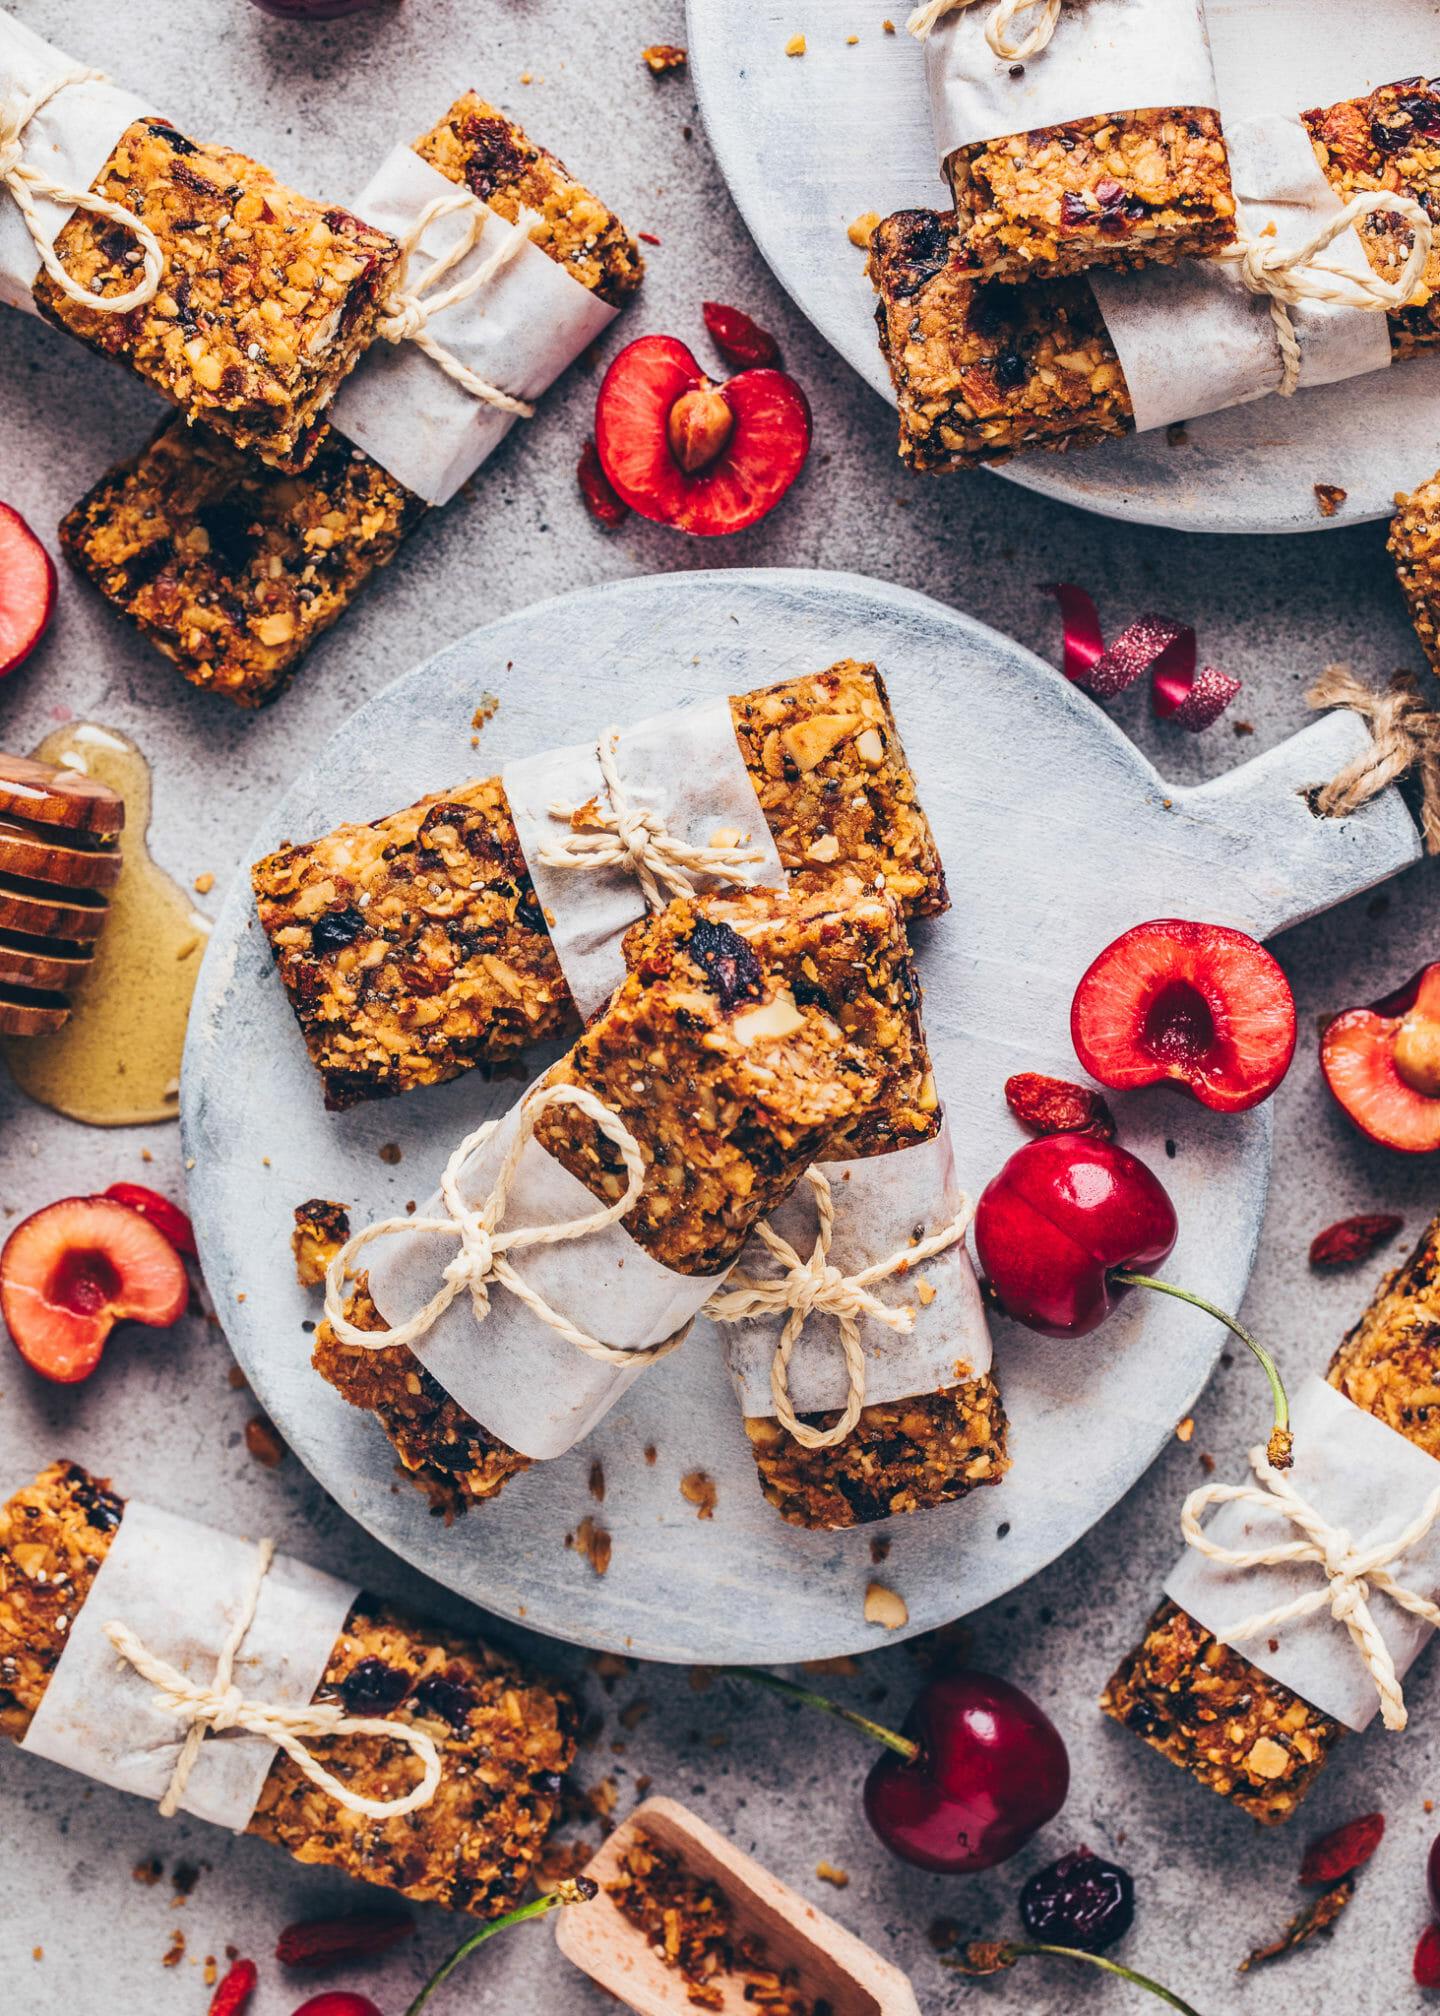 Homemade Granola Bars (Vegan, Gluten-free, Easy)